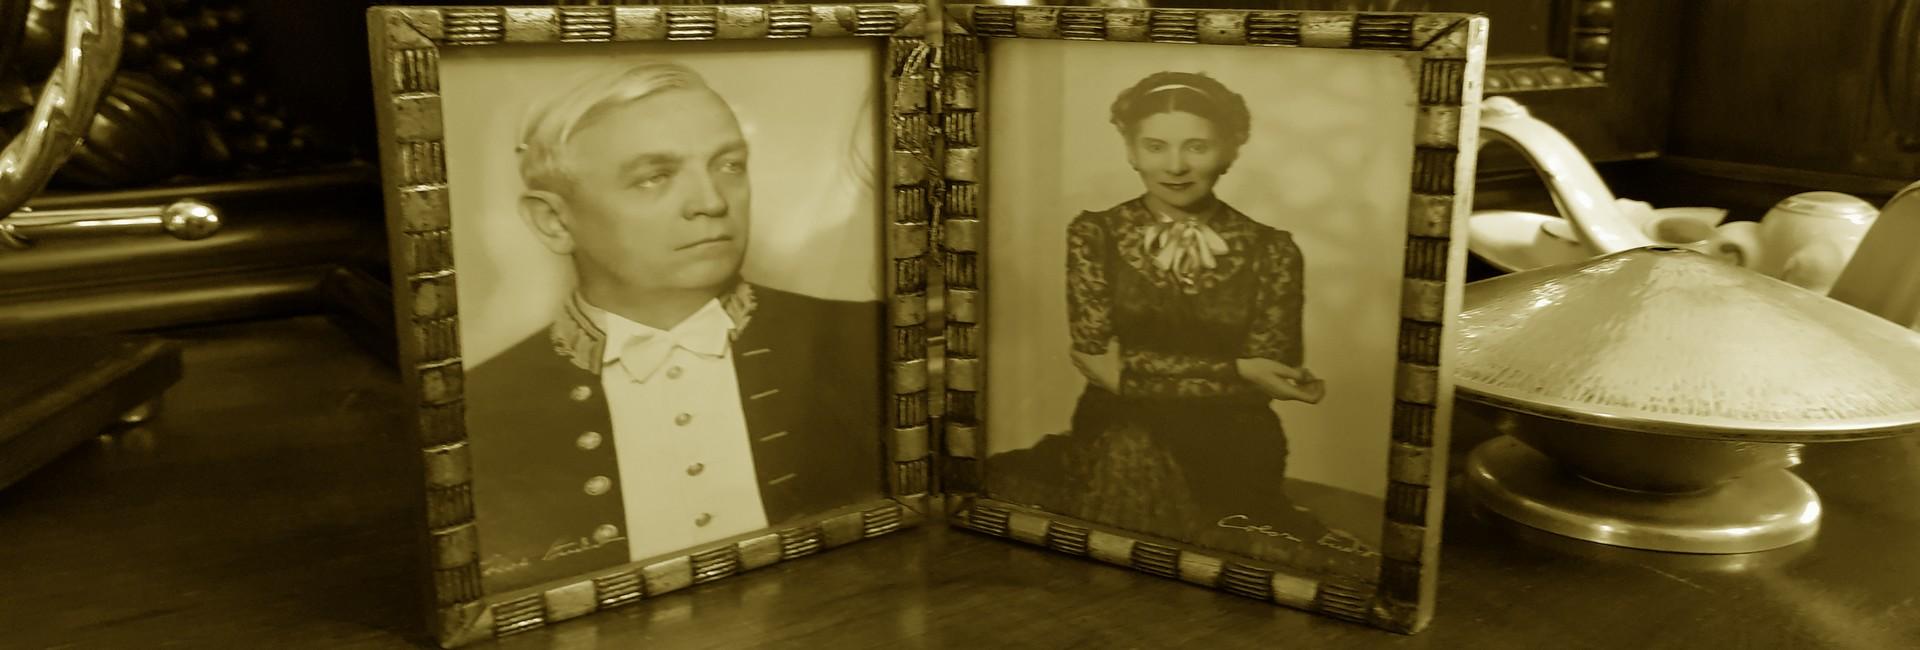 Liviu Rebreanu Fanny Rădulescu scrisoare Ion literatura română slider